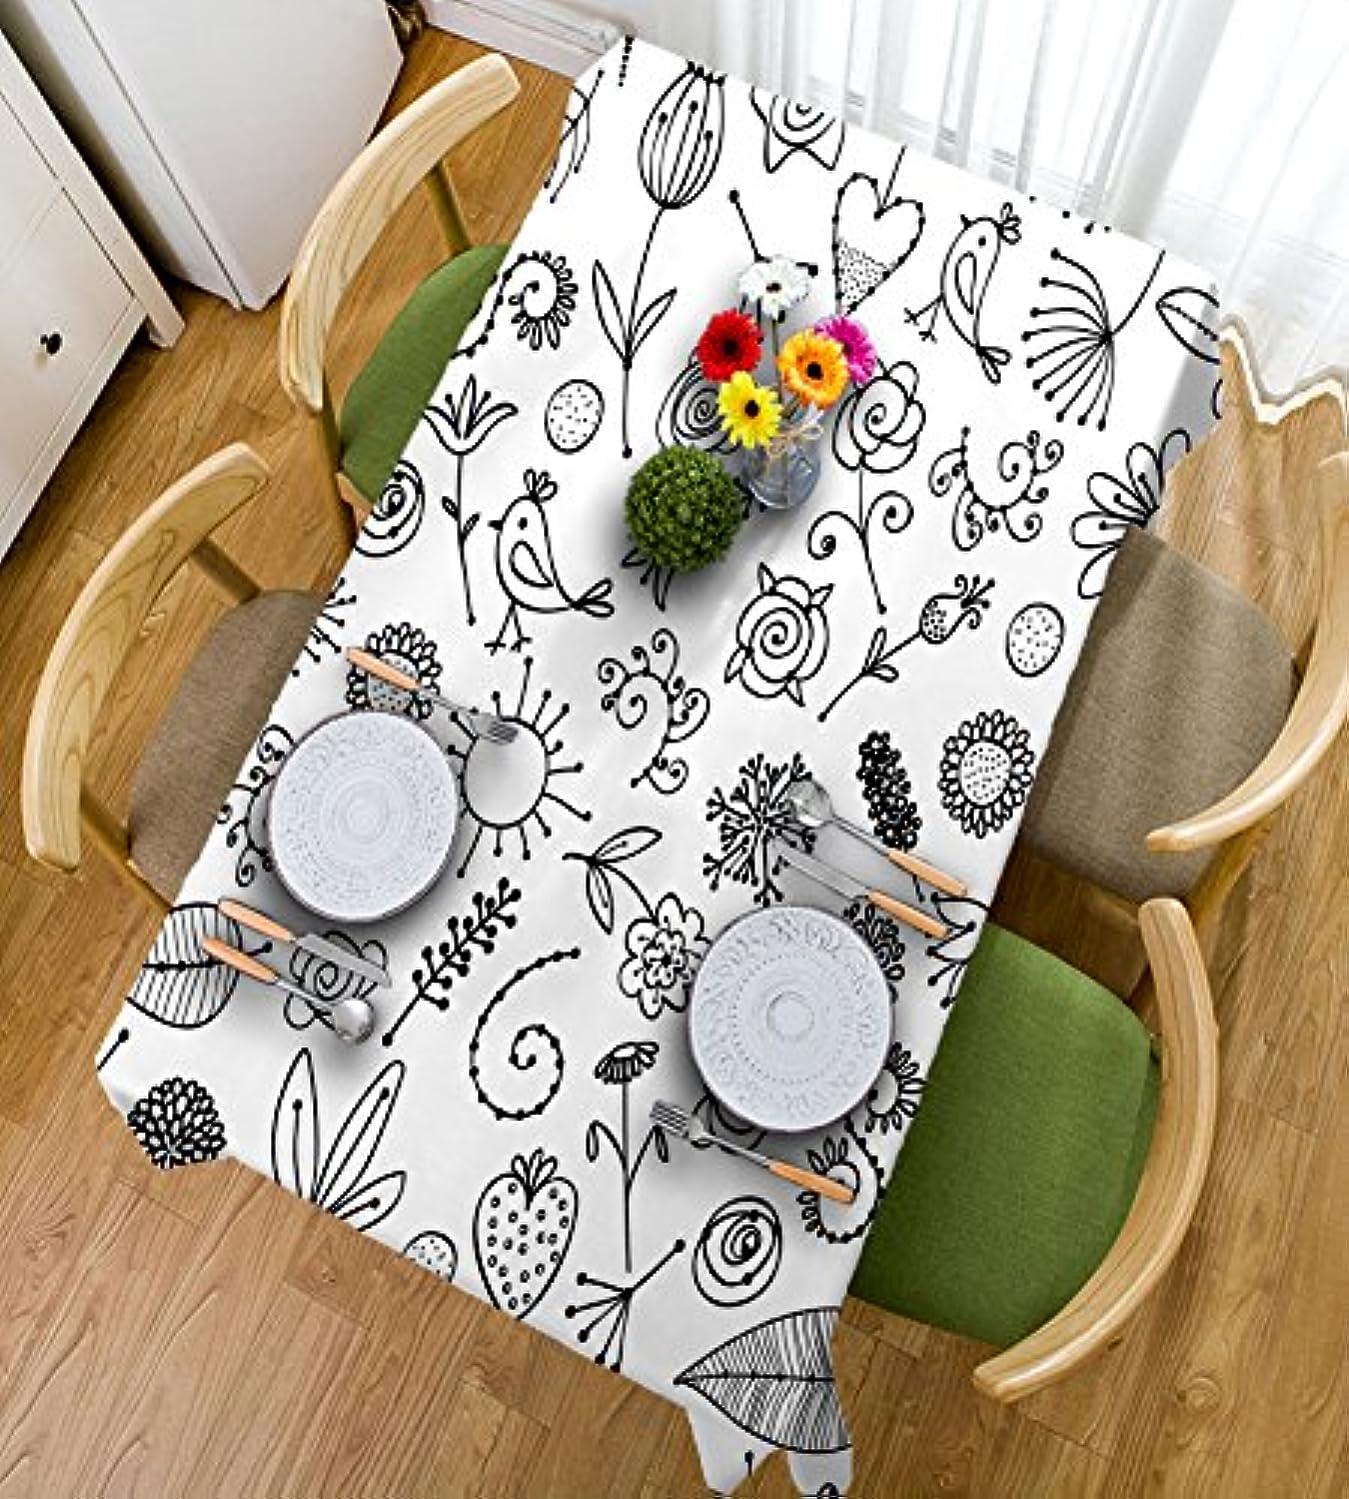 待ってクラシカル仕方ZZLX 紙タオルホルダー、北欧の家庭用フラワーバスルーム防水ロールホルダー ロングハンドル風呂ブラシ